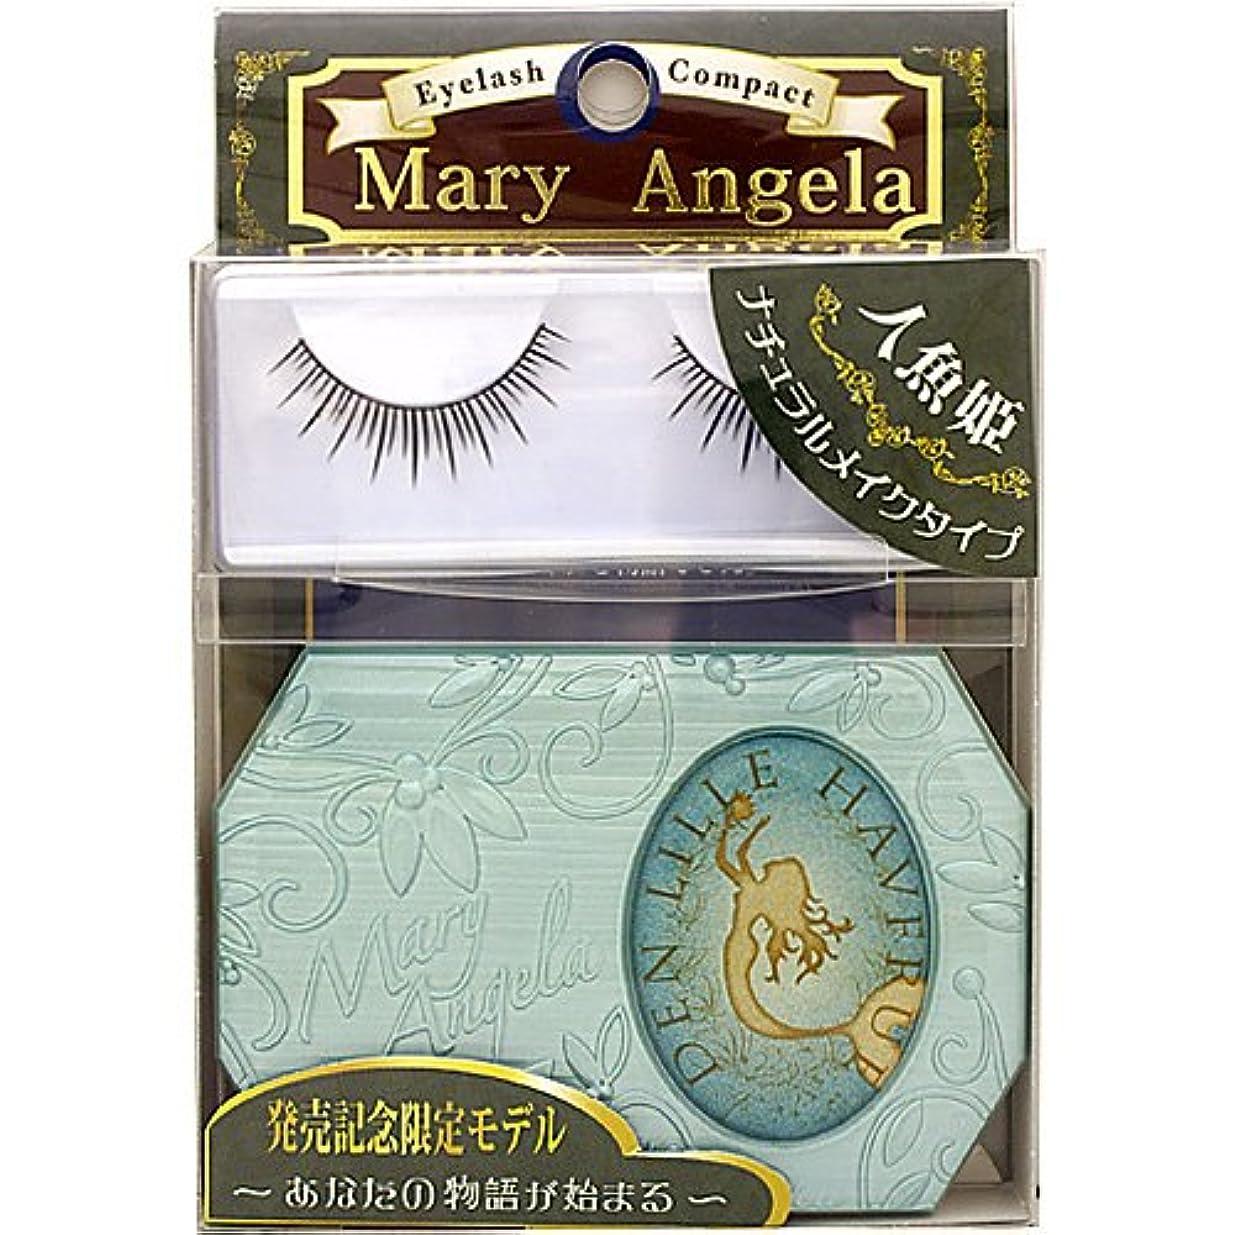 線形懐疑的シビックMILCA ミルカ MaryAngela マリーアンジェラ つけまつげ&つけまつげケース 人魚姫